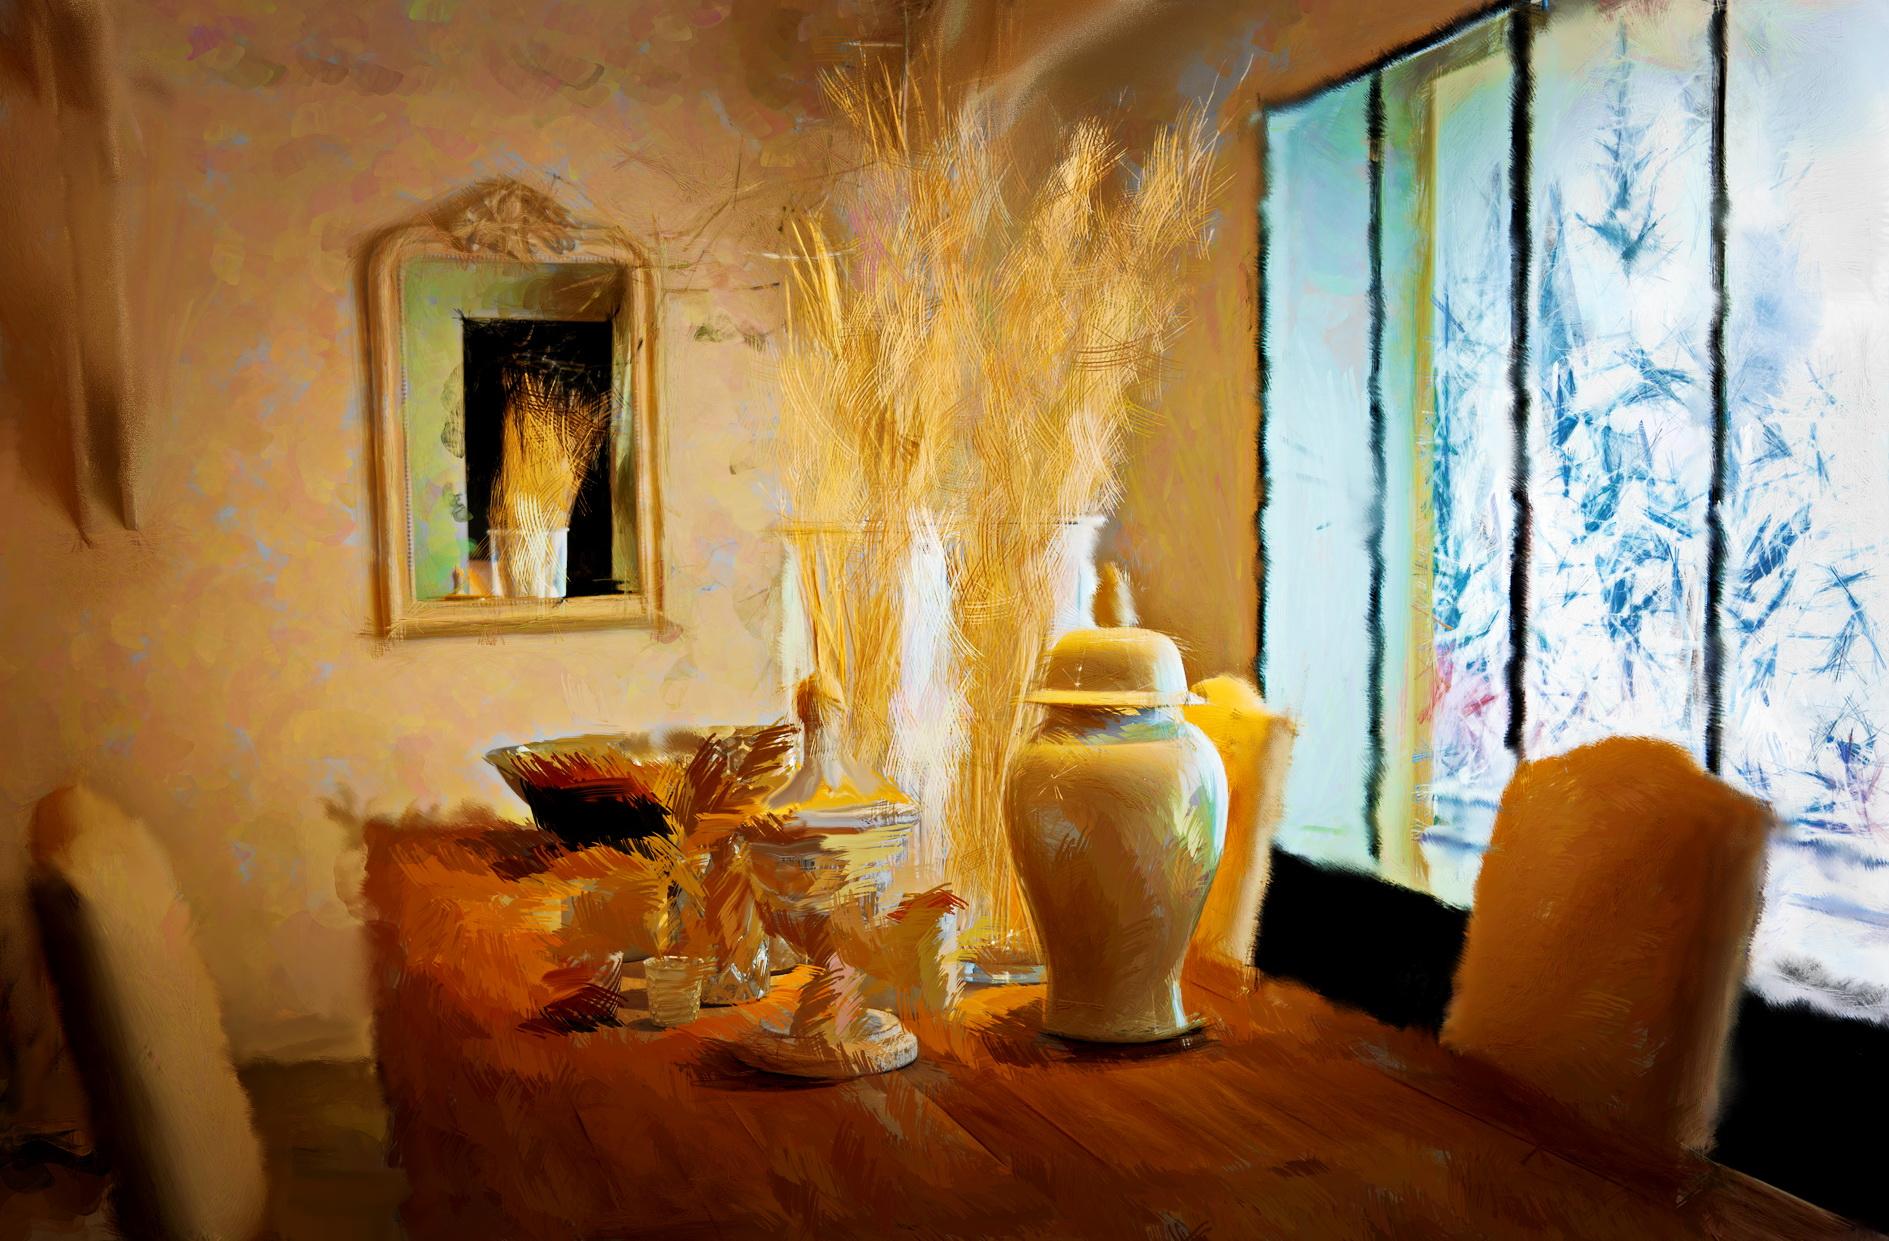 Schilderij_Winter_door_Laure_Van_De_Meele_geïnspireerd_door_Flamant_Interiors